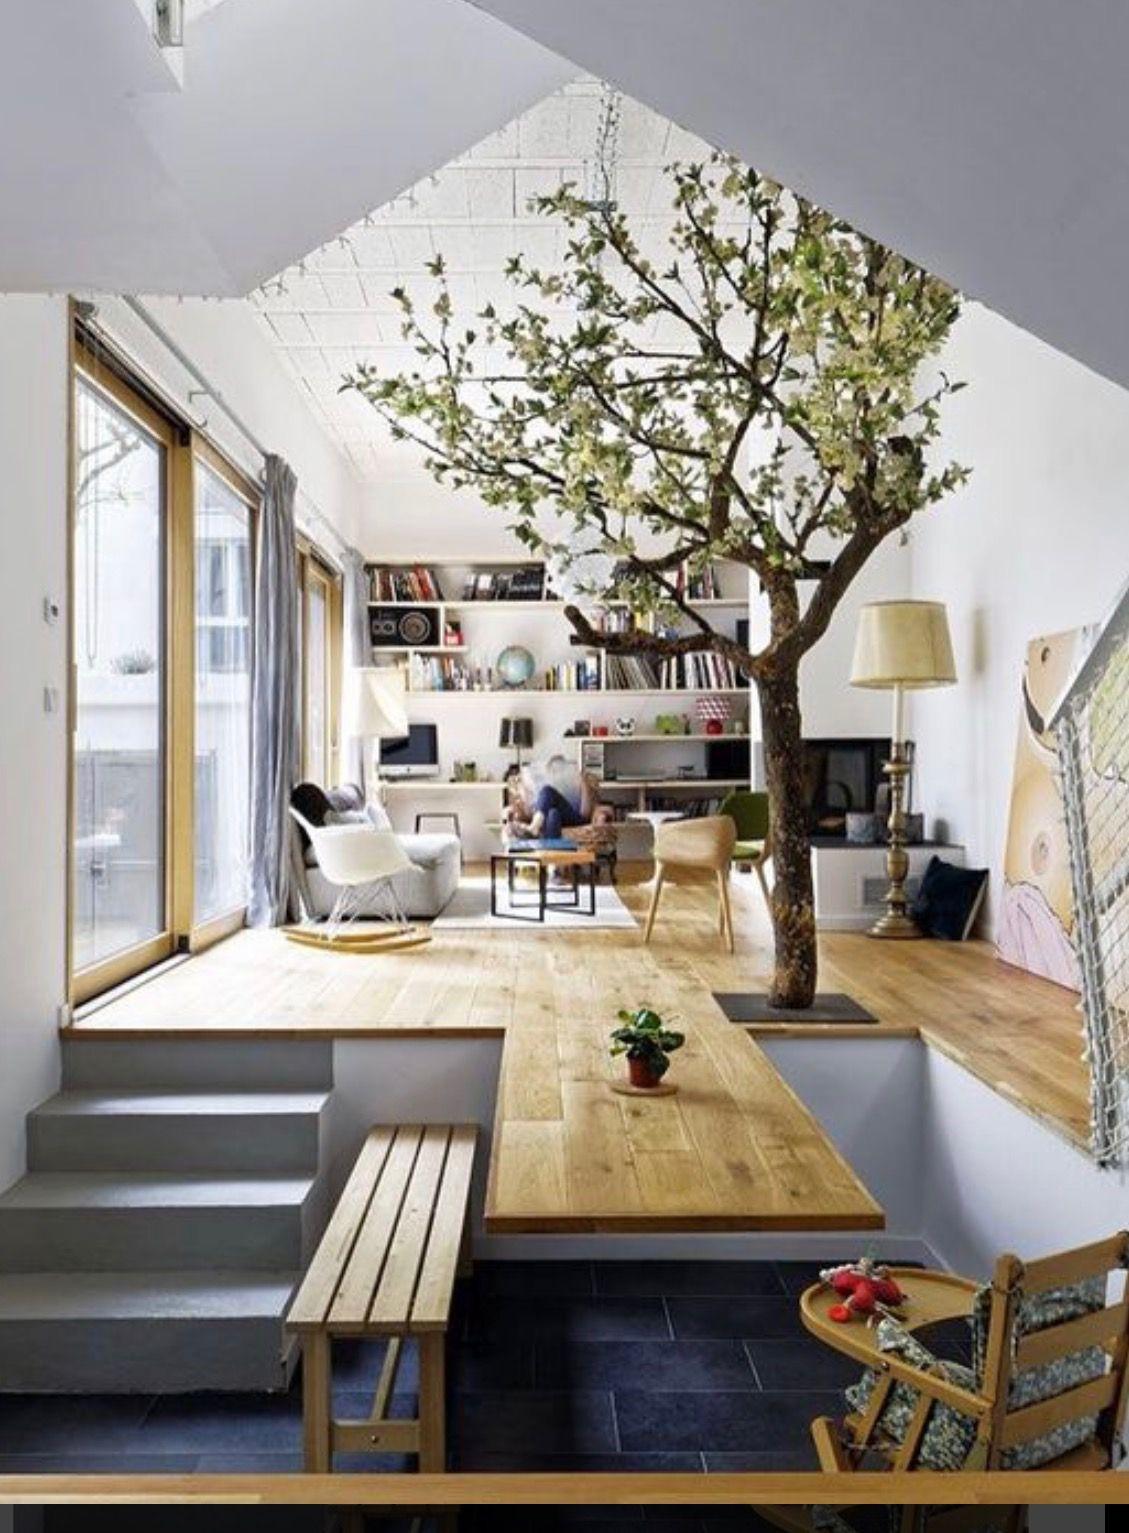 Innenarchitektur wohnzimmer für kleine wohnung pin von rapunzel auf architektur  pinterest  haus wohnzimmer und